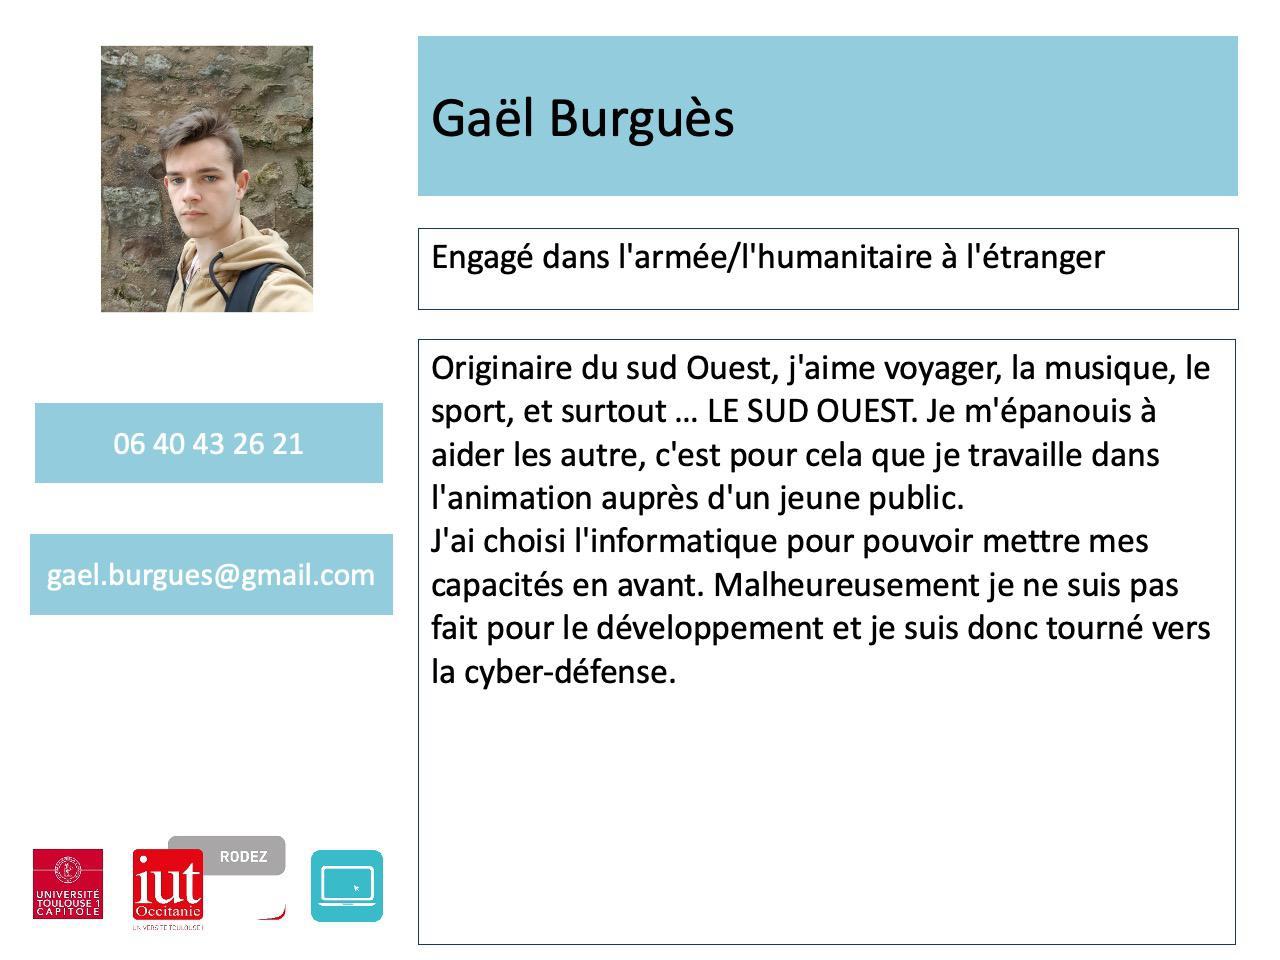 Gaël Burgues